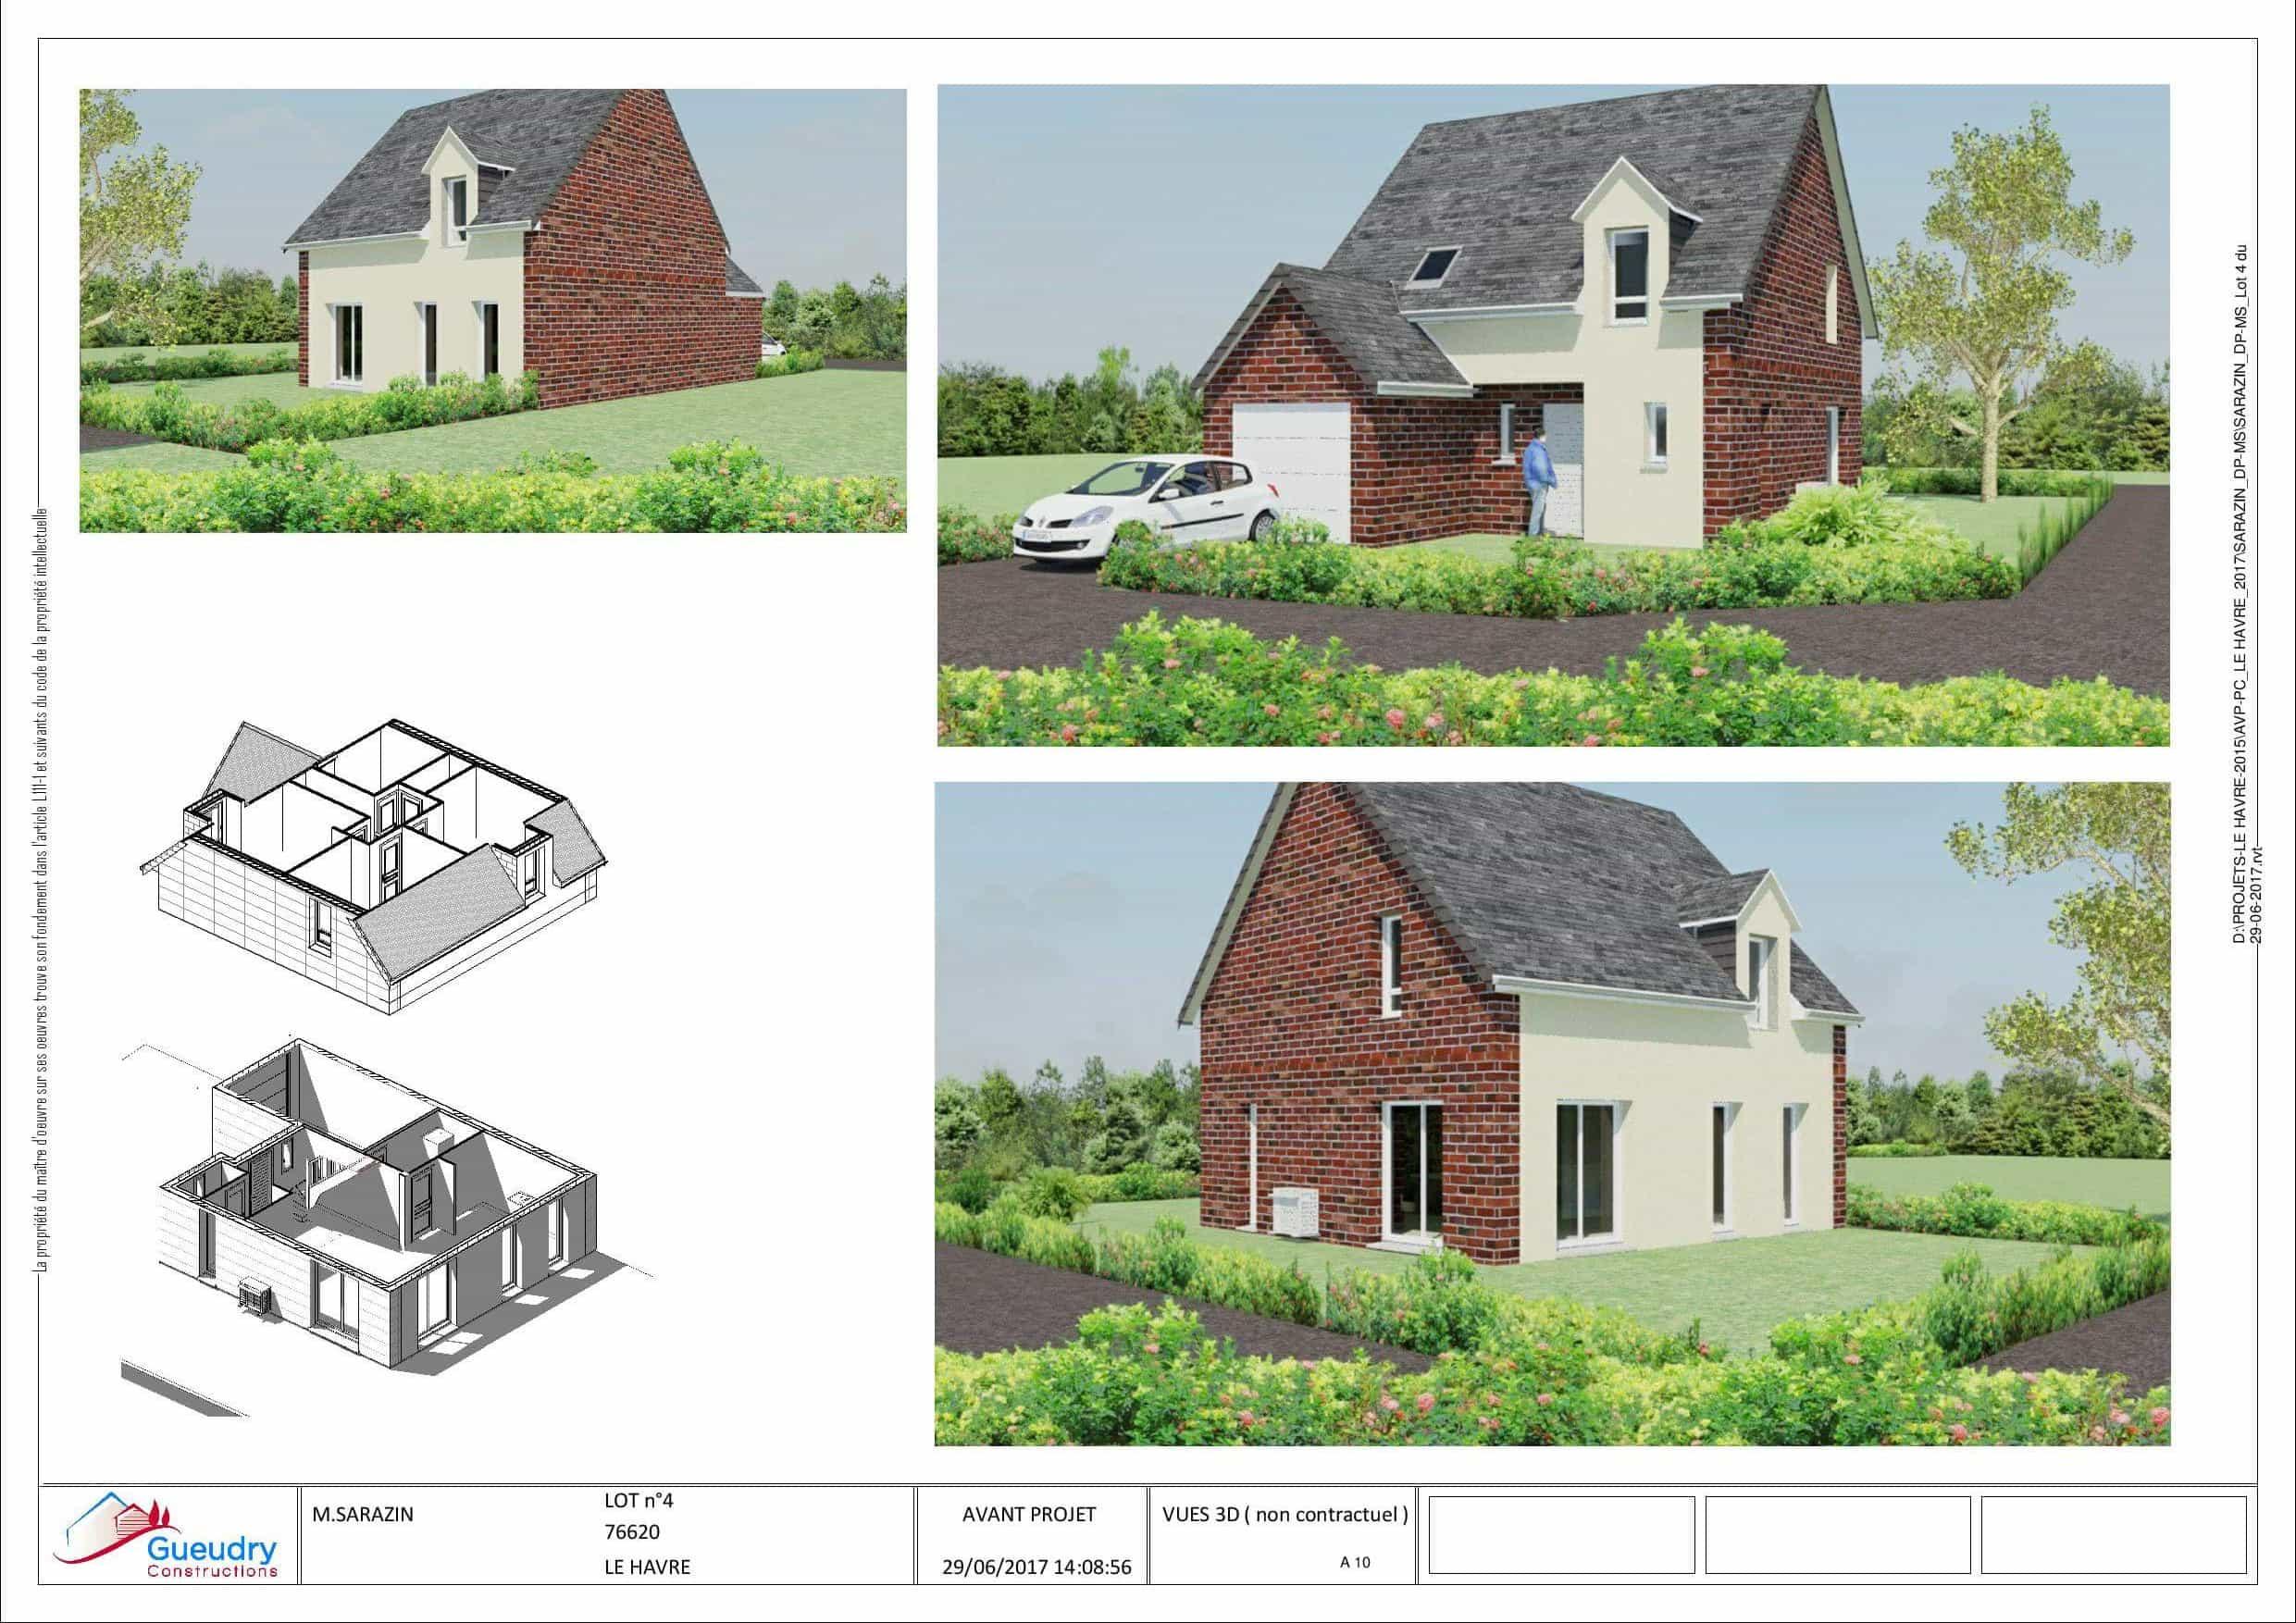 5 maisons quartier de rouelles le havre gueudry constructions. Black Bedroom Furniture Sets. Home Design Ideas